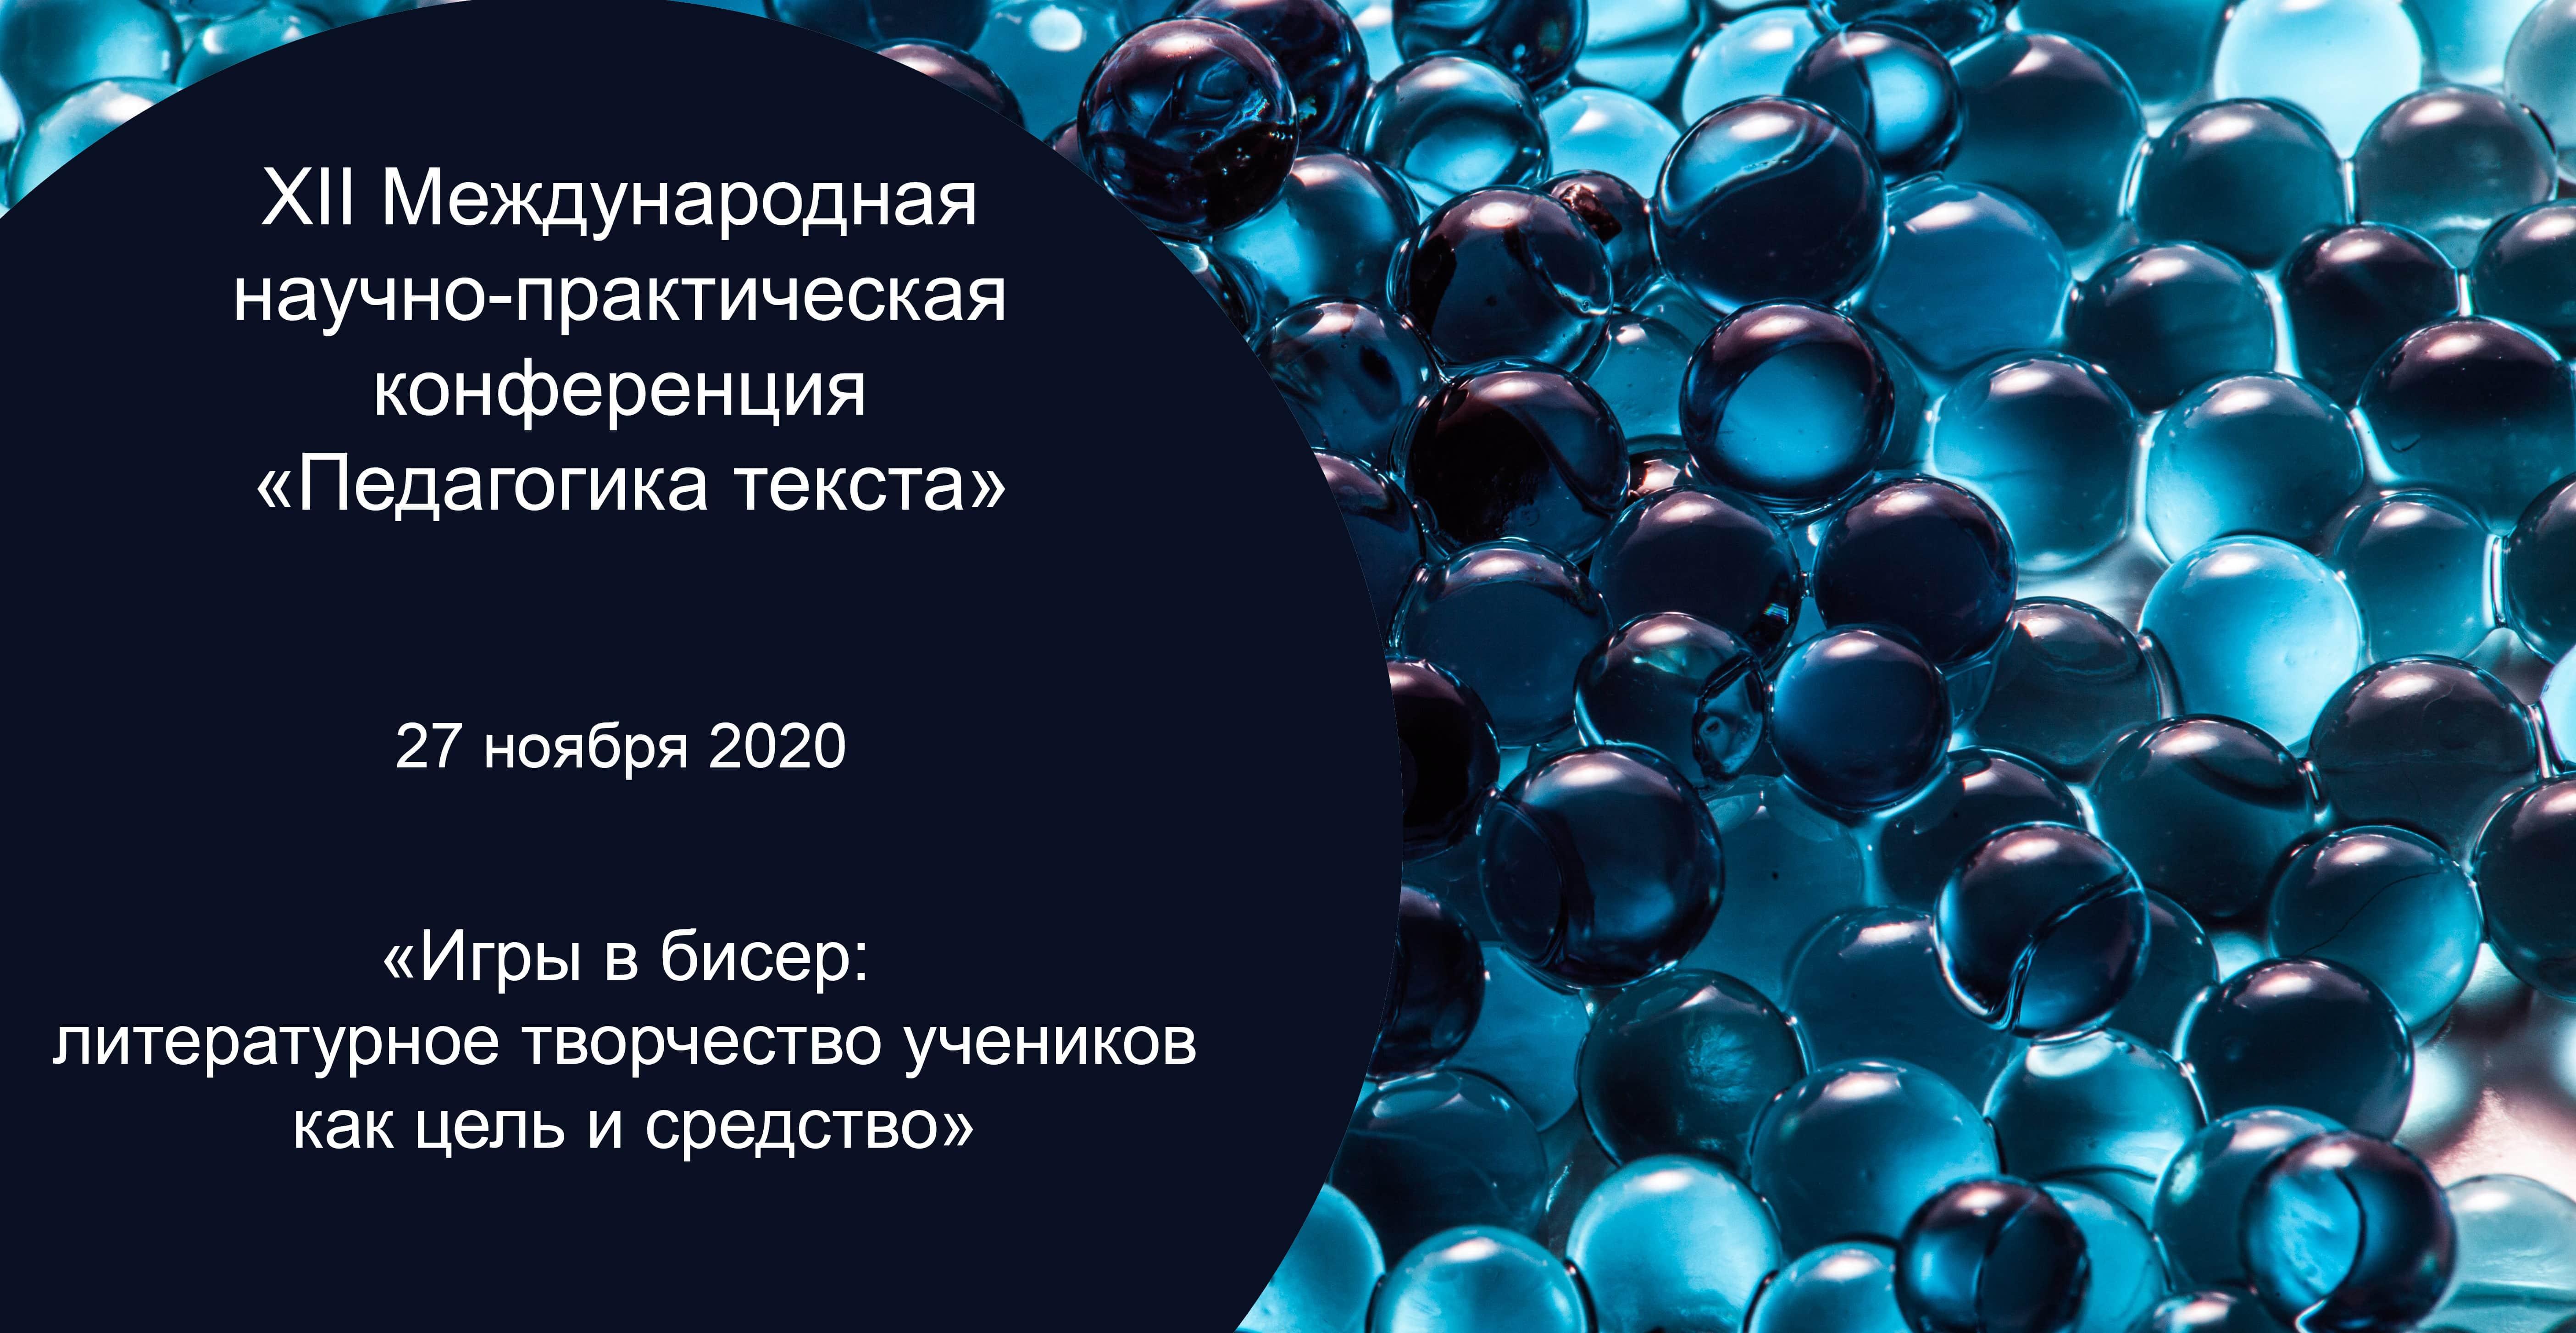 124124spheres18264821452